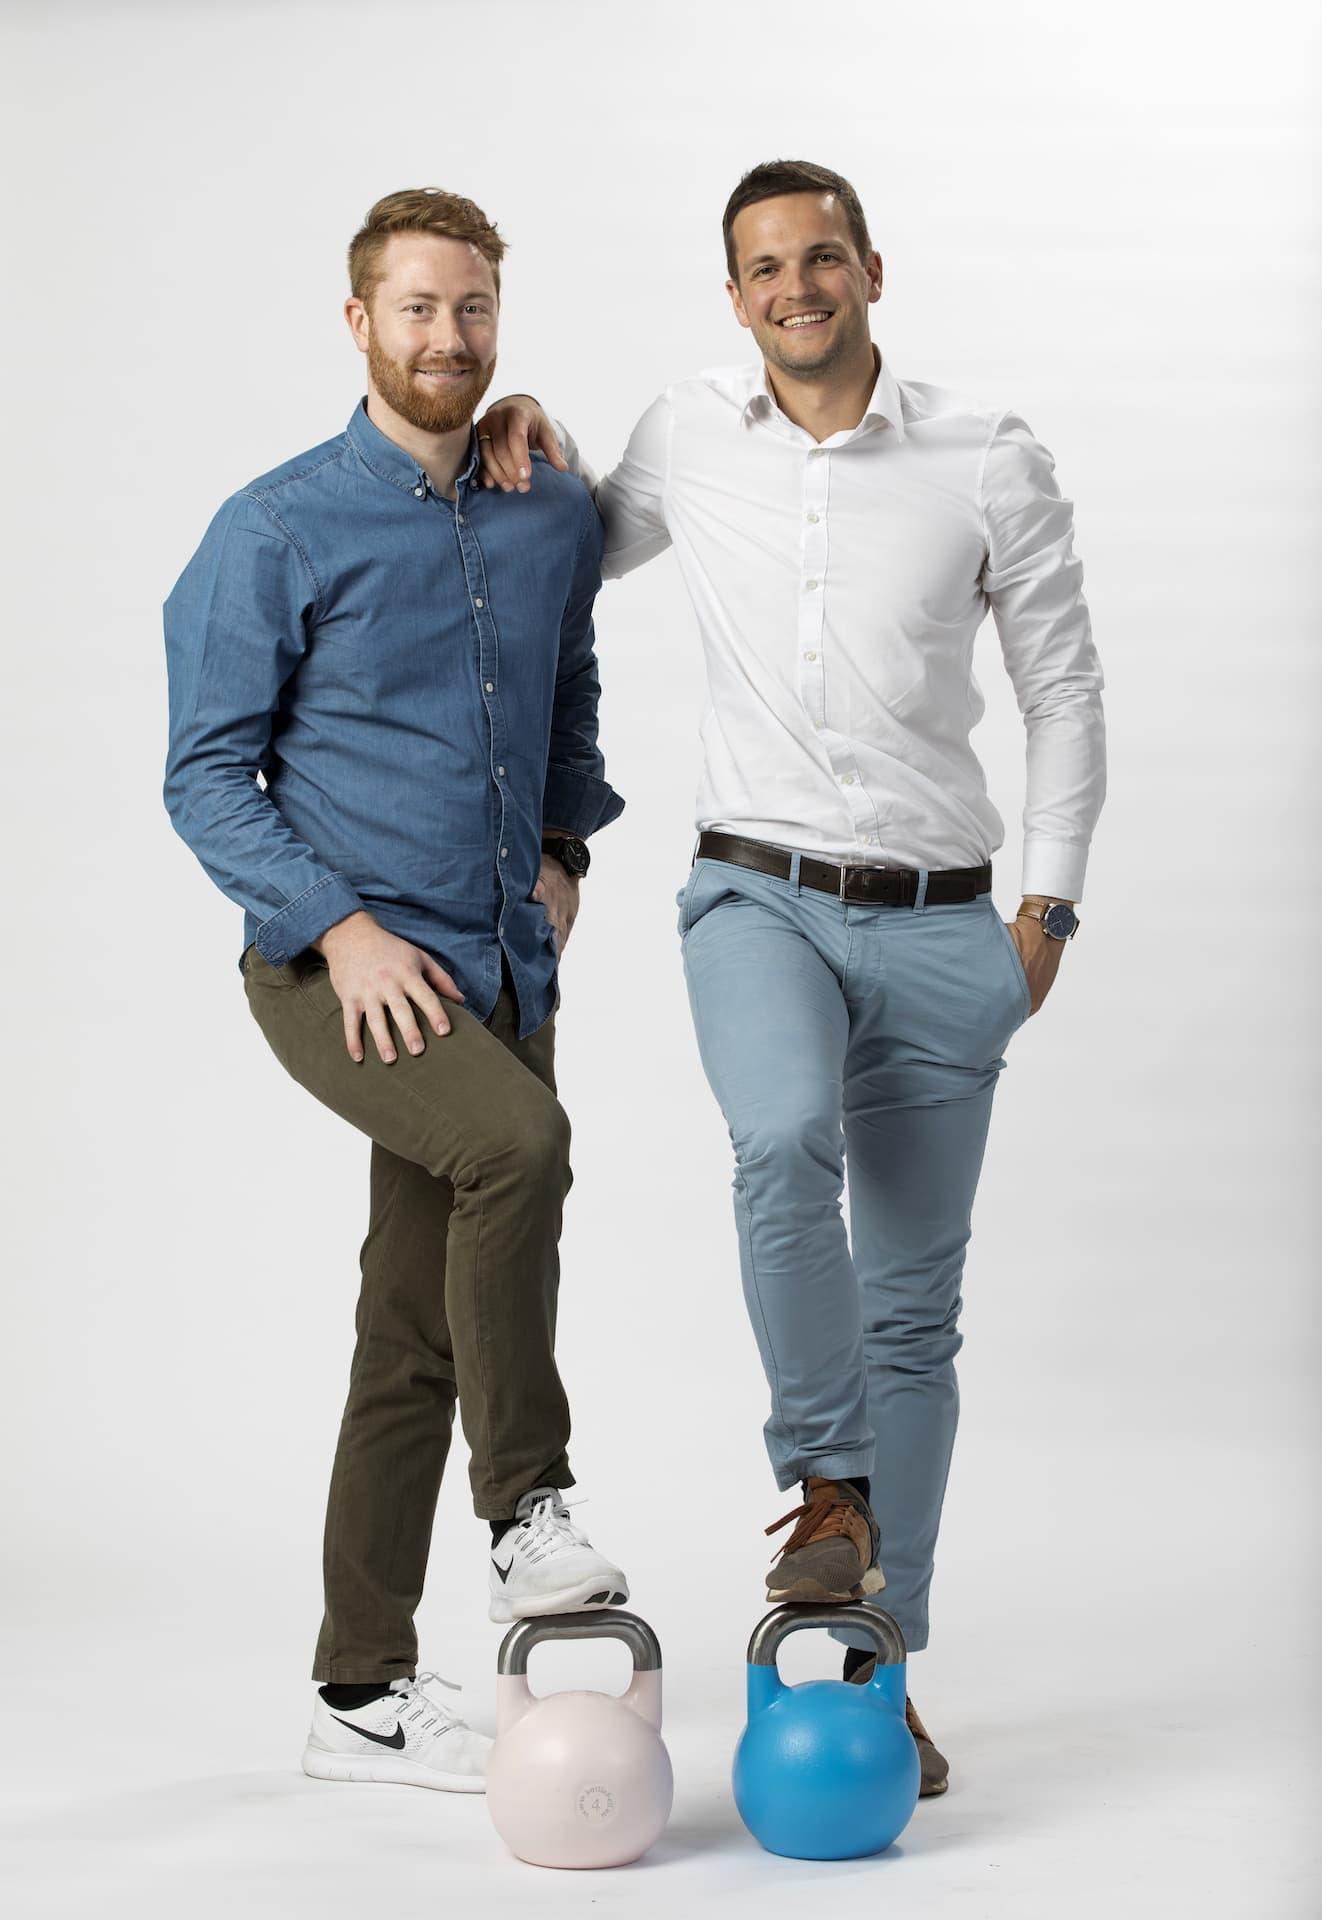 Die Trainer bei OsteoMed Freiburg: Niklas Ehmann und Philipp Frey